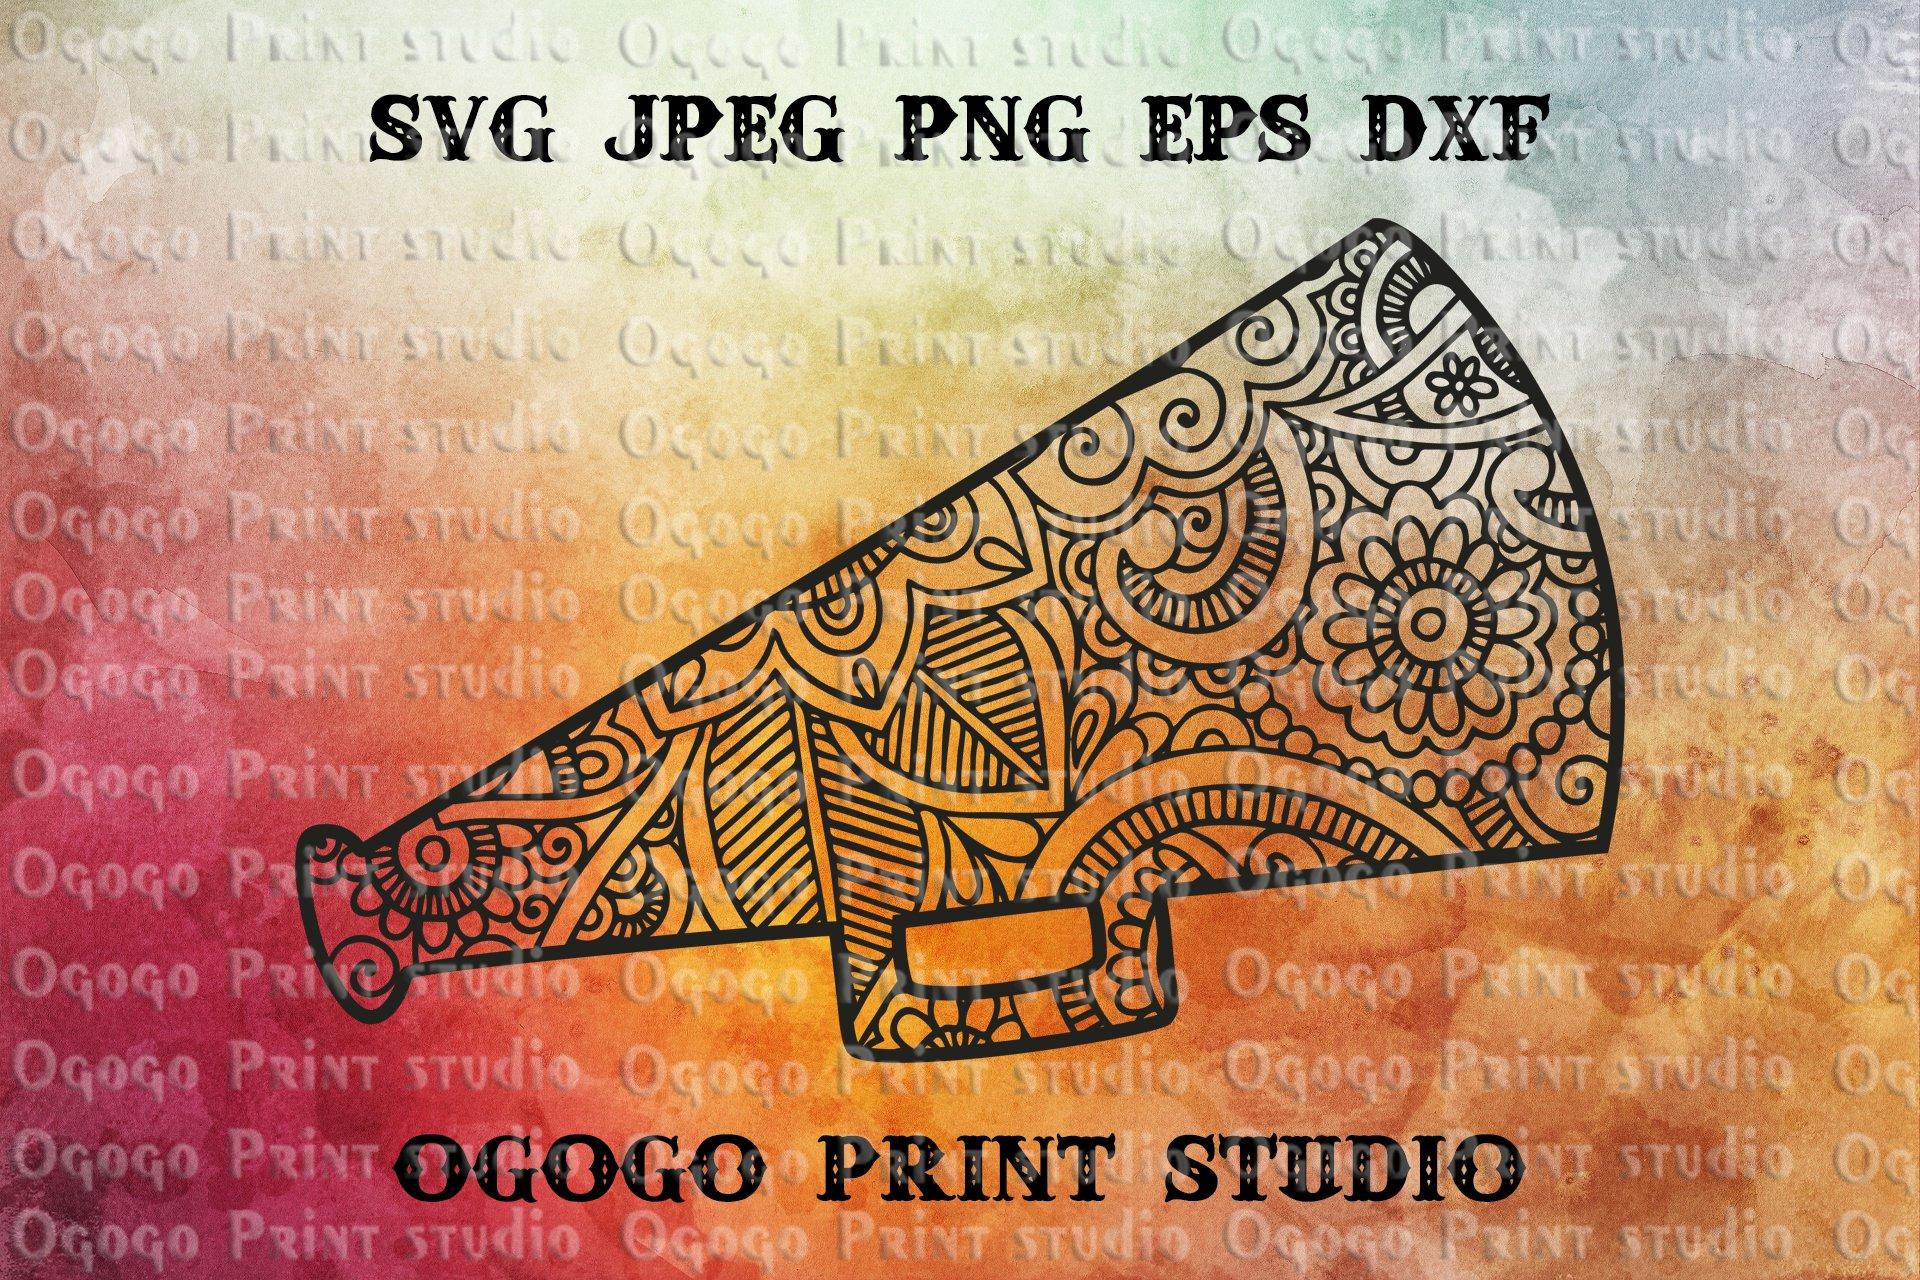 CocoandBanana Svg Megaphone SVG Cut File Dxf Coco and Banana Cheer Clip Art Digital Download Shirt Svg Cheer SVG Cheerleader Svg